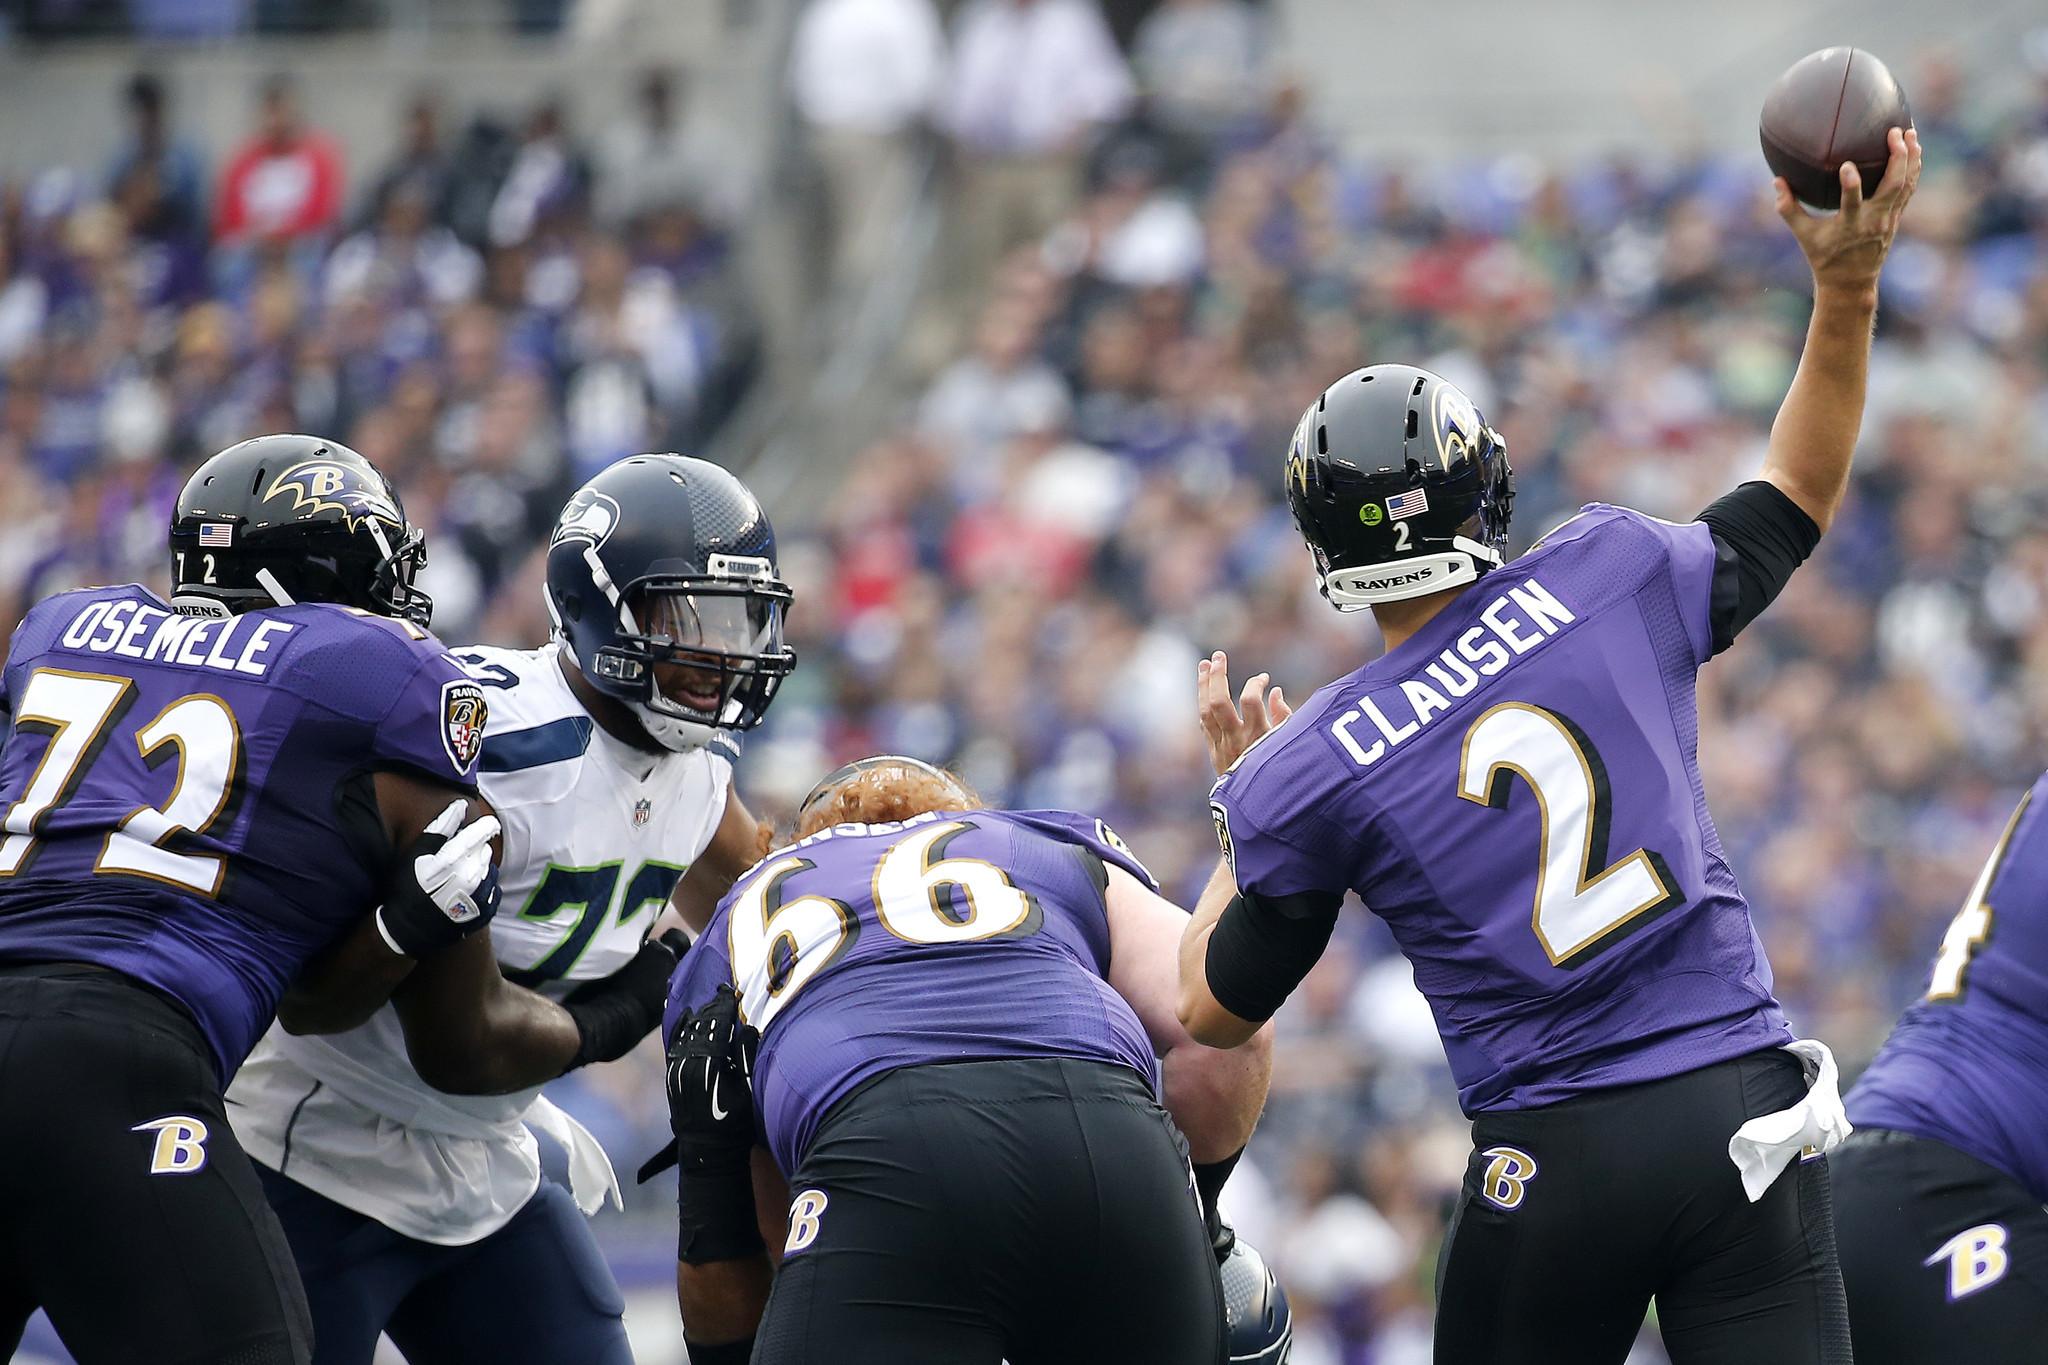 Ravens lineman Kelechi Osemele makes NFL debut at left tackle